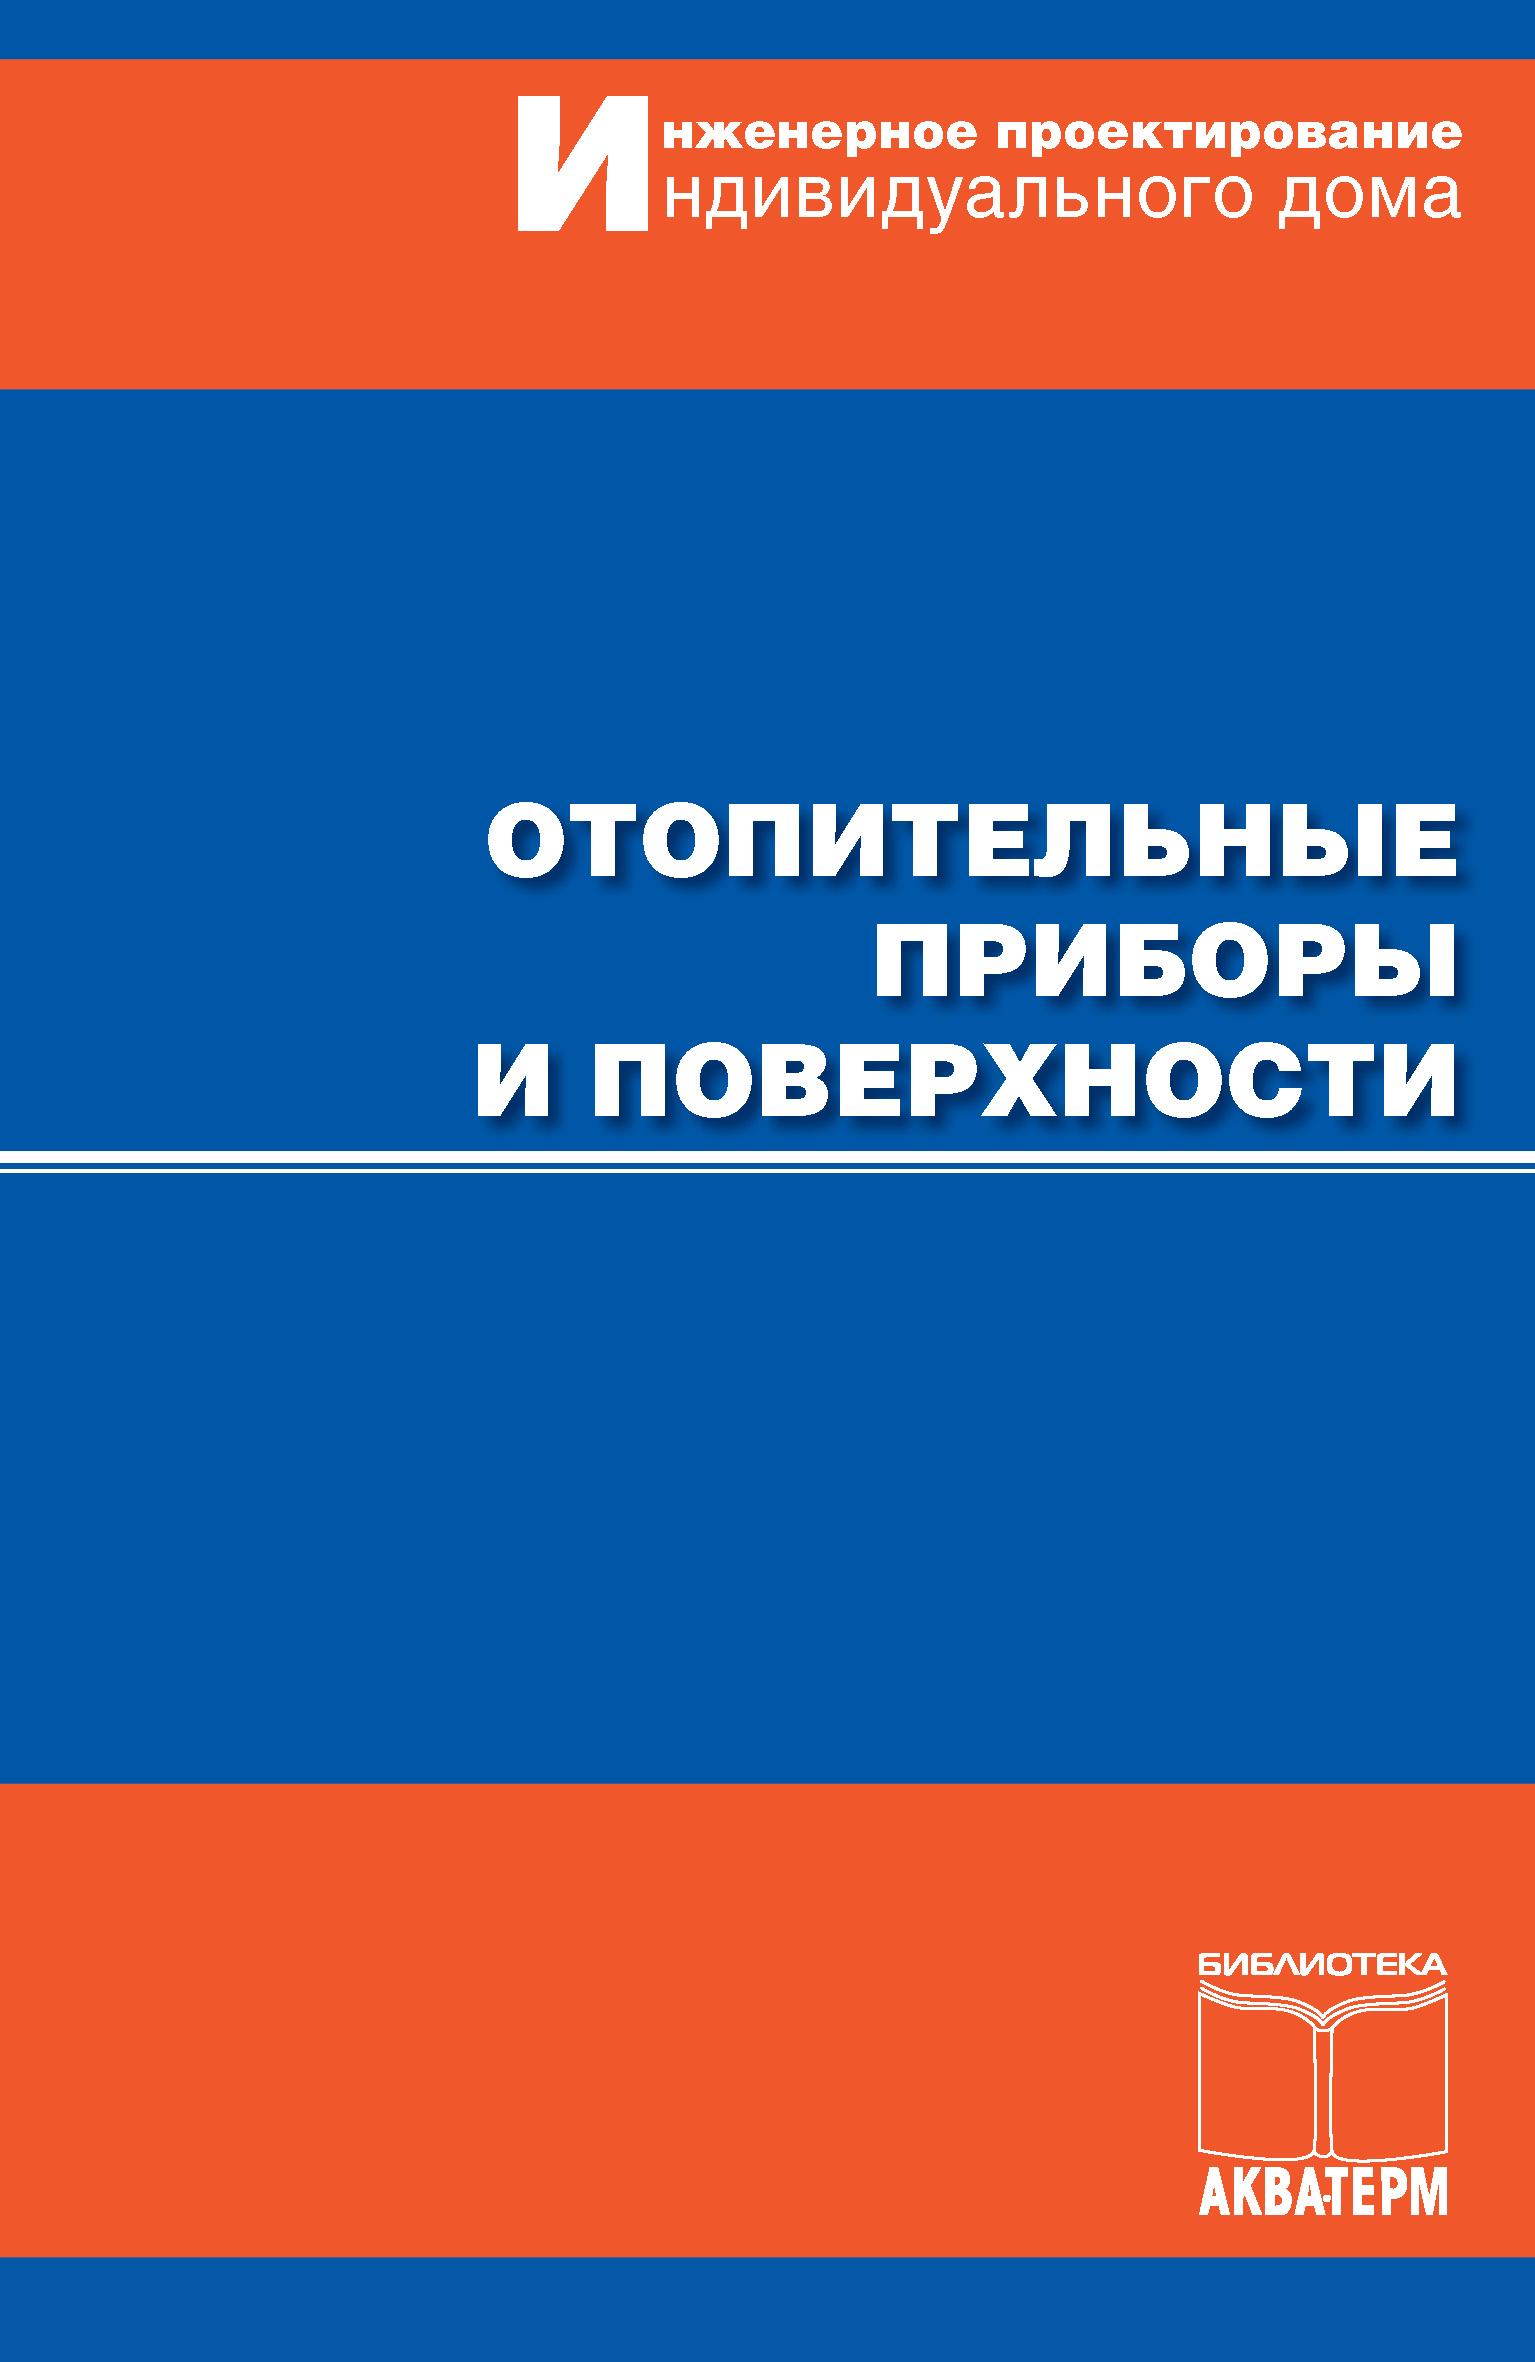 Коллектив авторов Отопительные приборы и поверхности